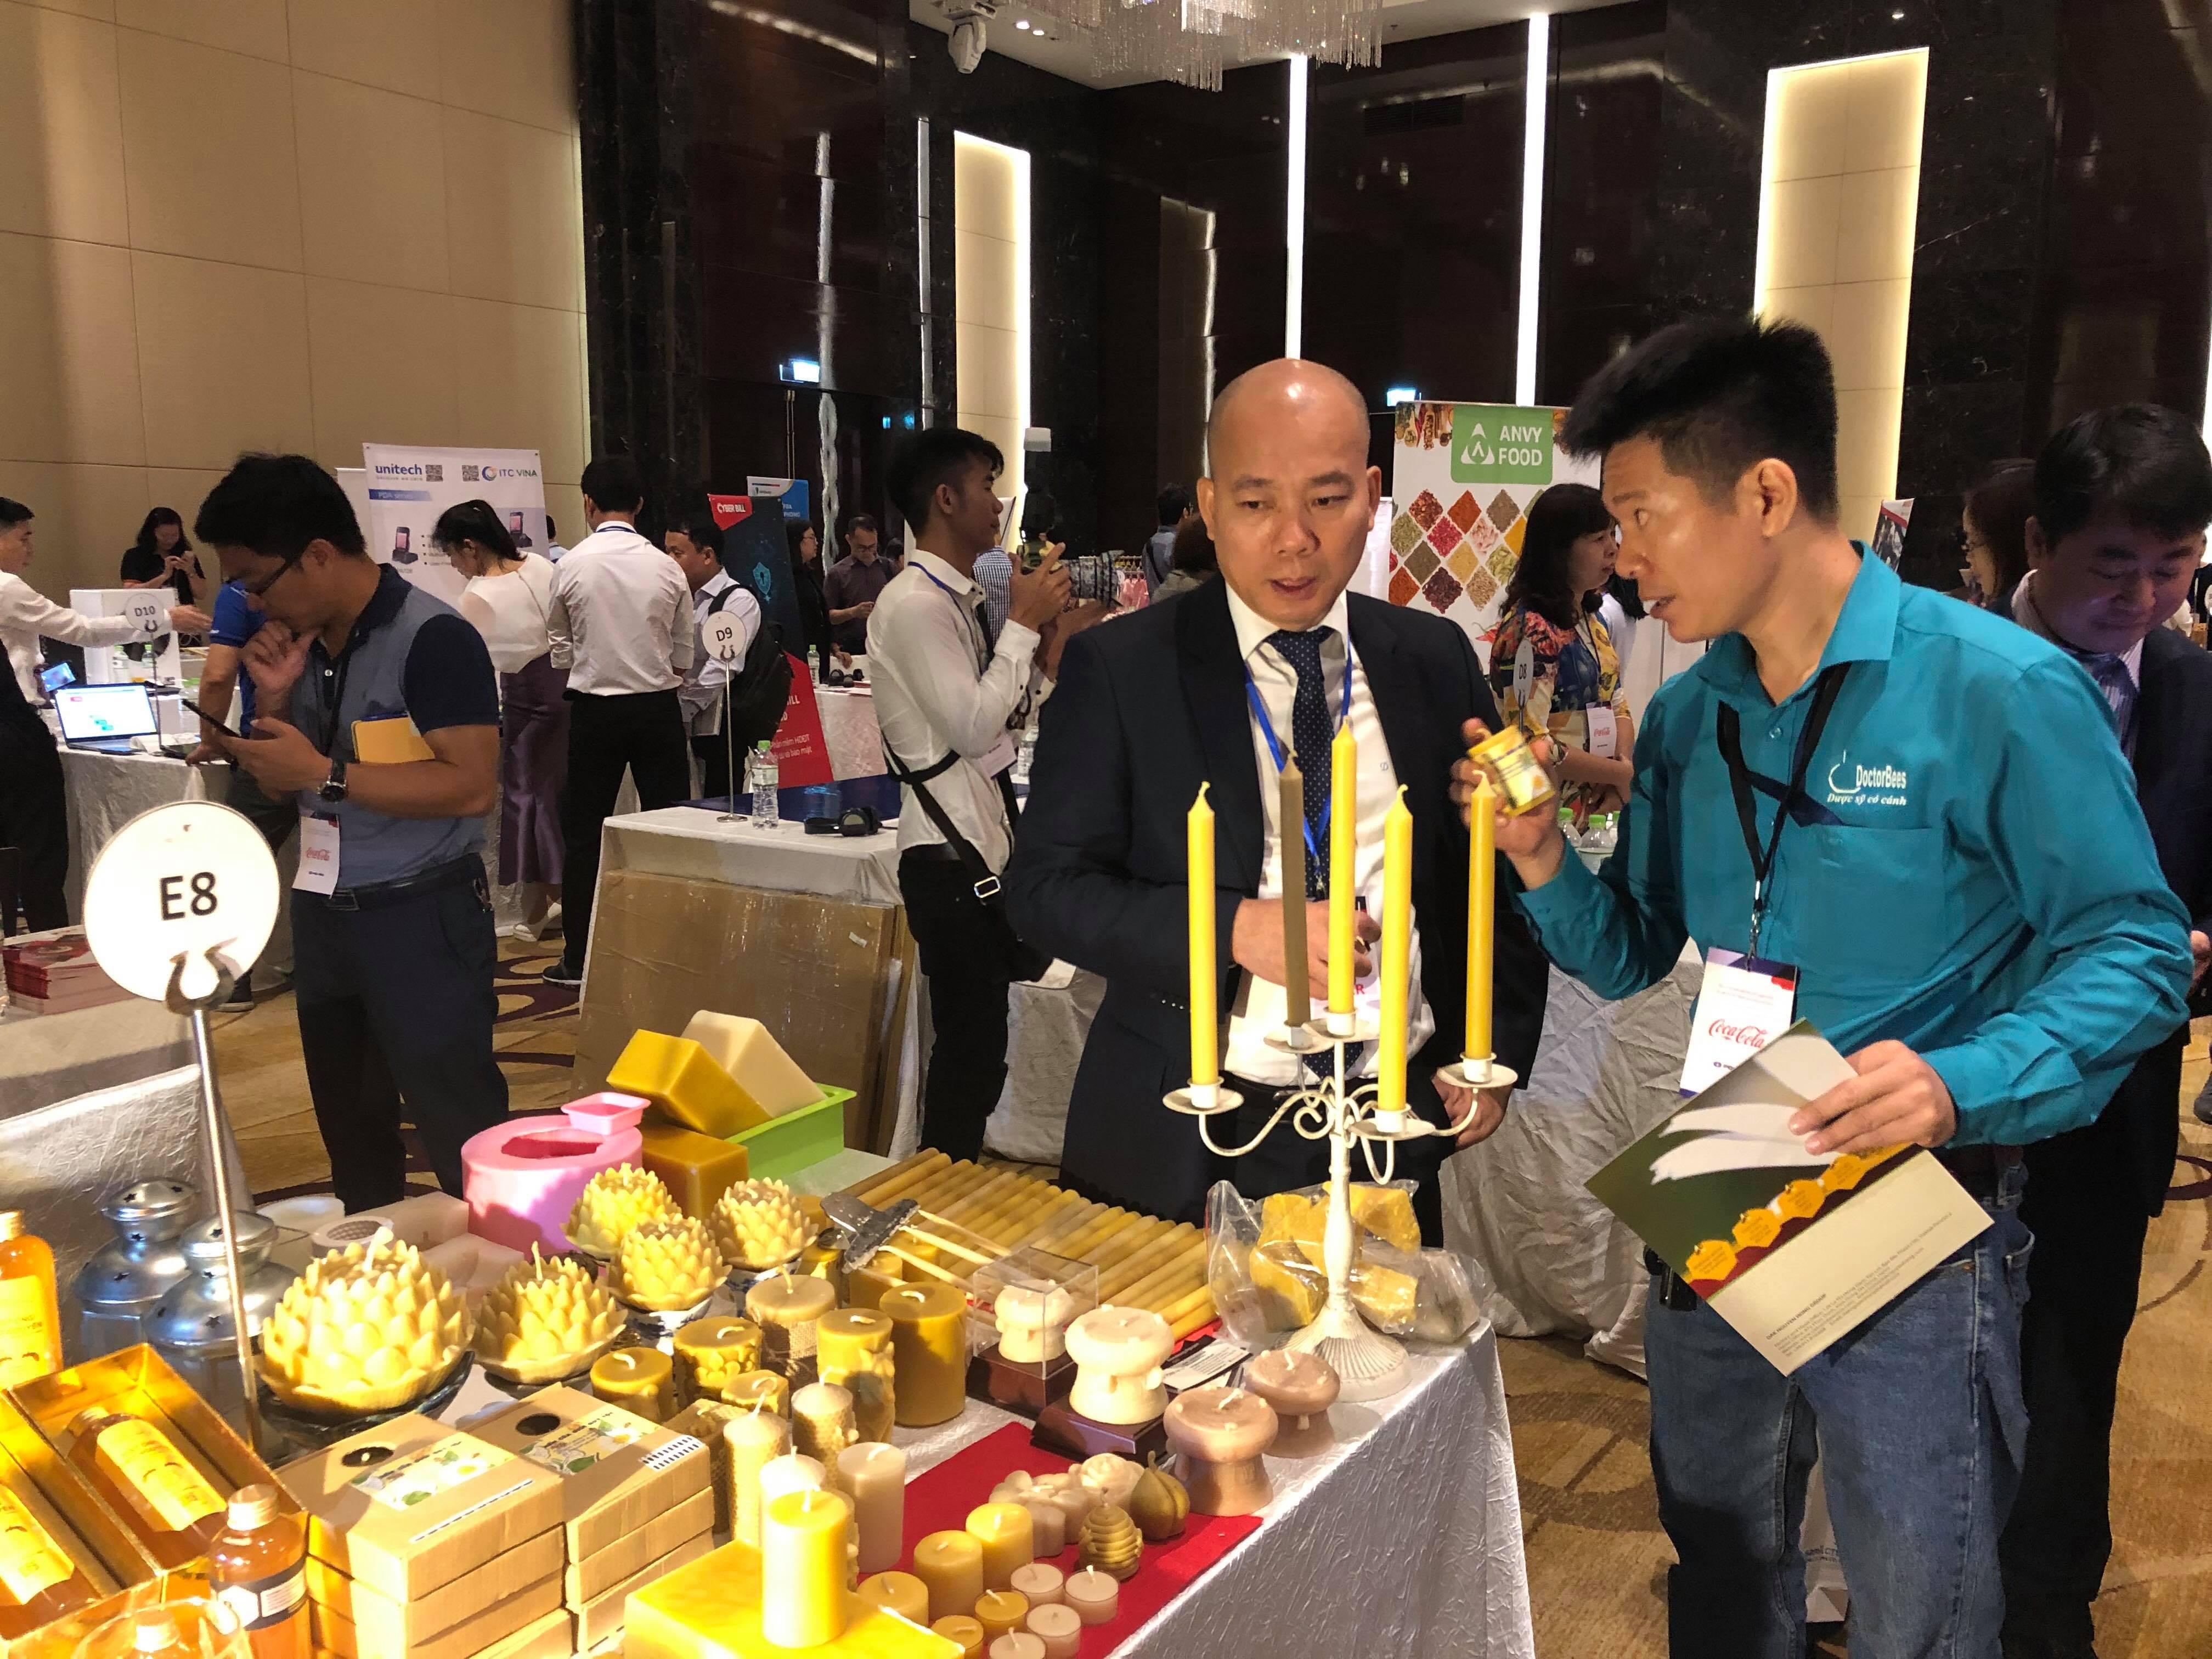 Hơn 300 doanh nhân tham gia Ngày hội Nhà cung cấp để kết nối với DN Mỹ